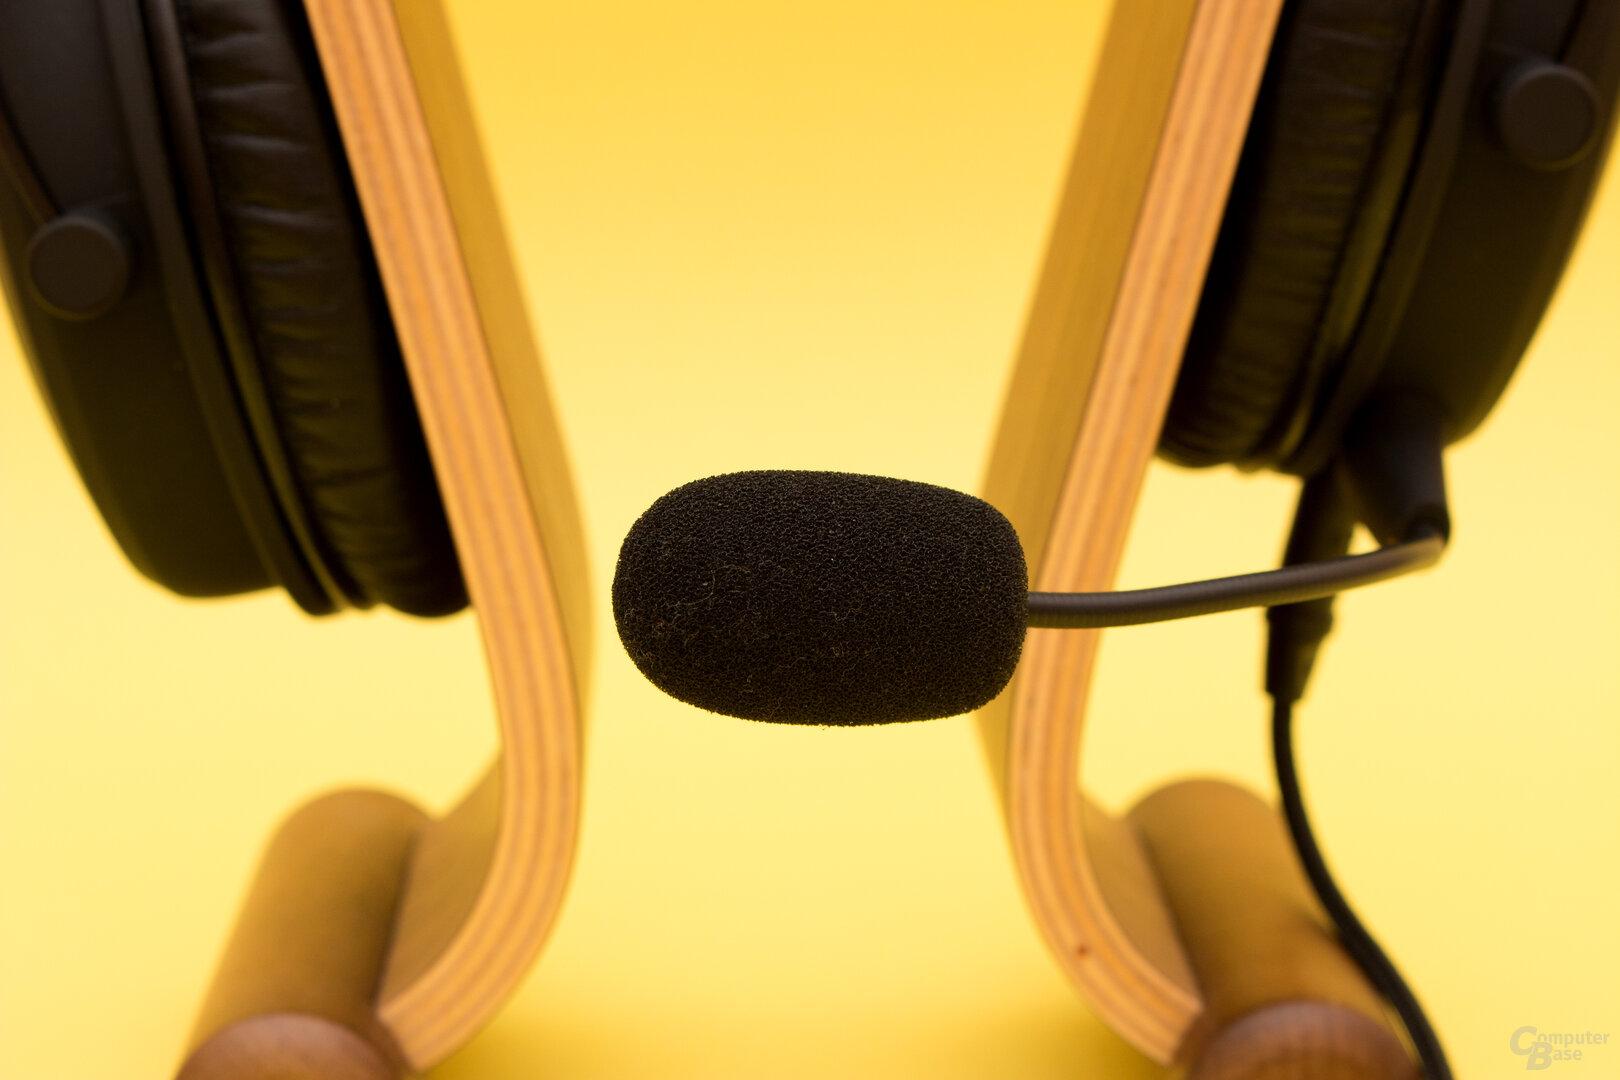 Auch das Lioncast LX55 besitzt ein gutes Mikrofon